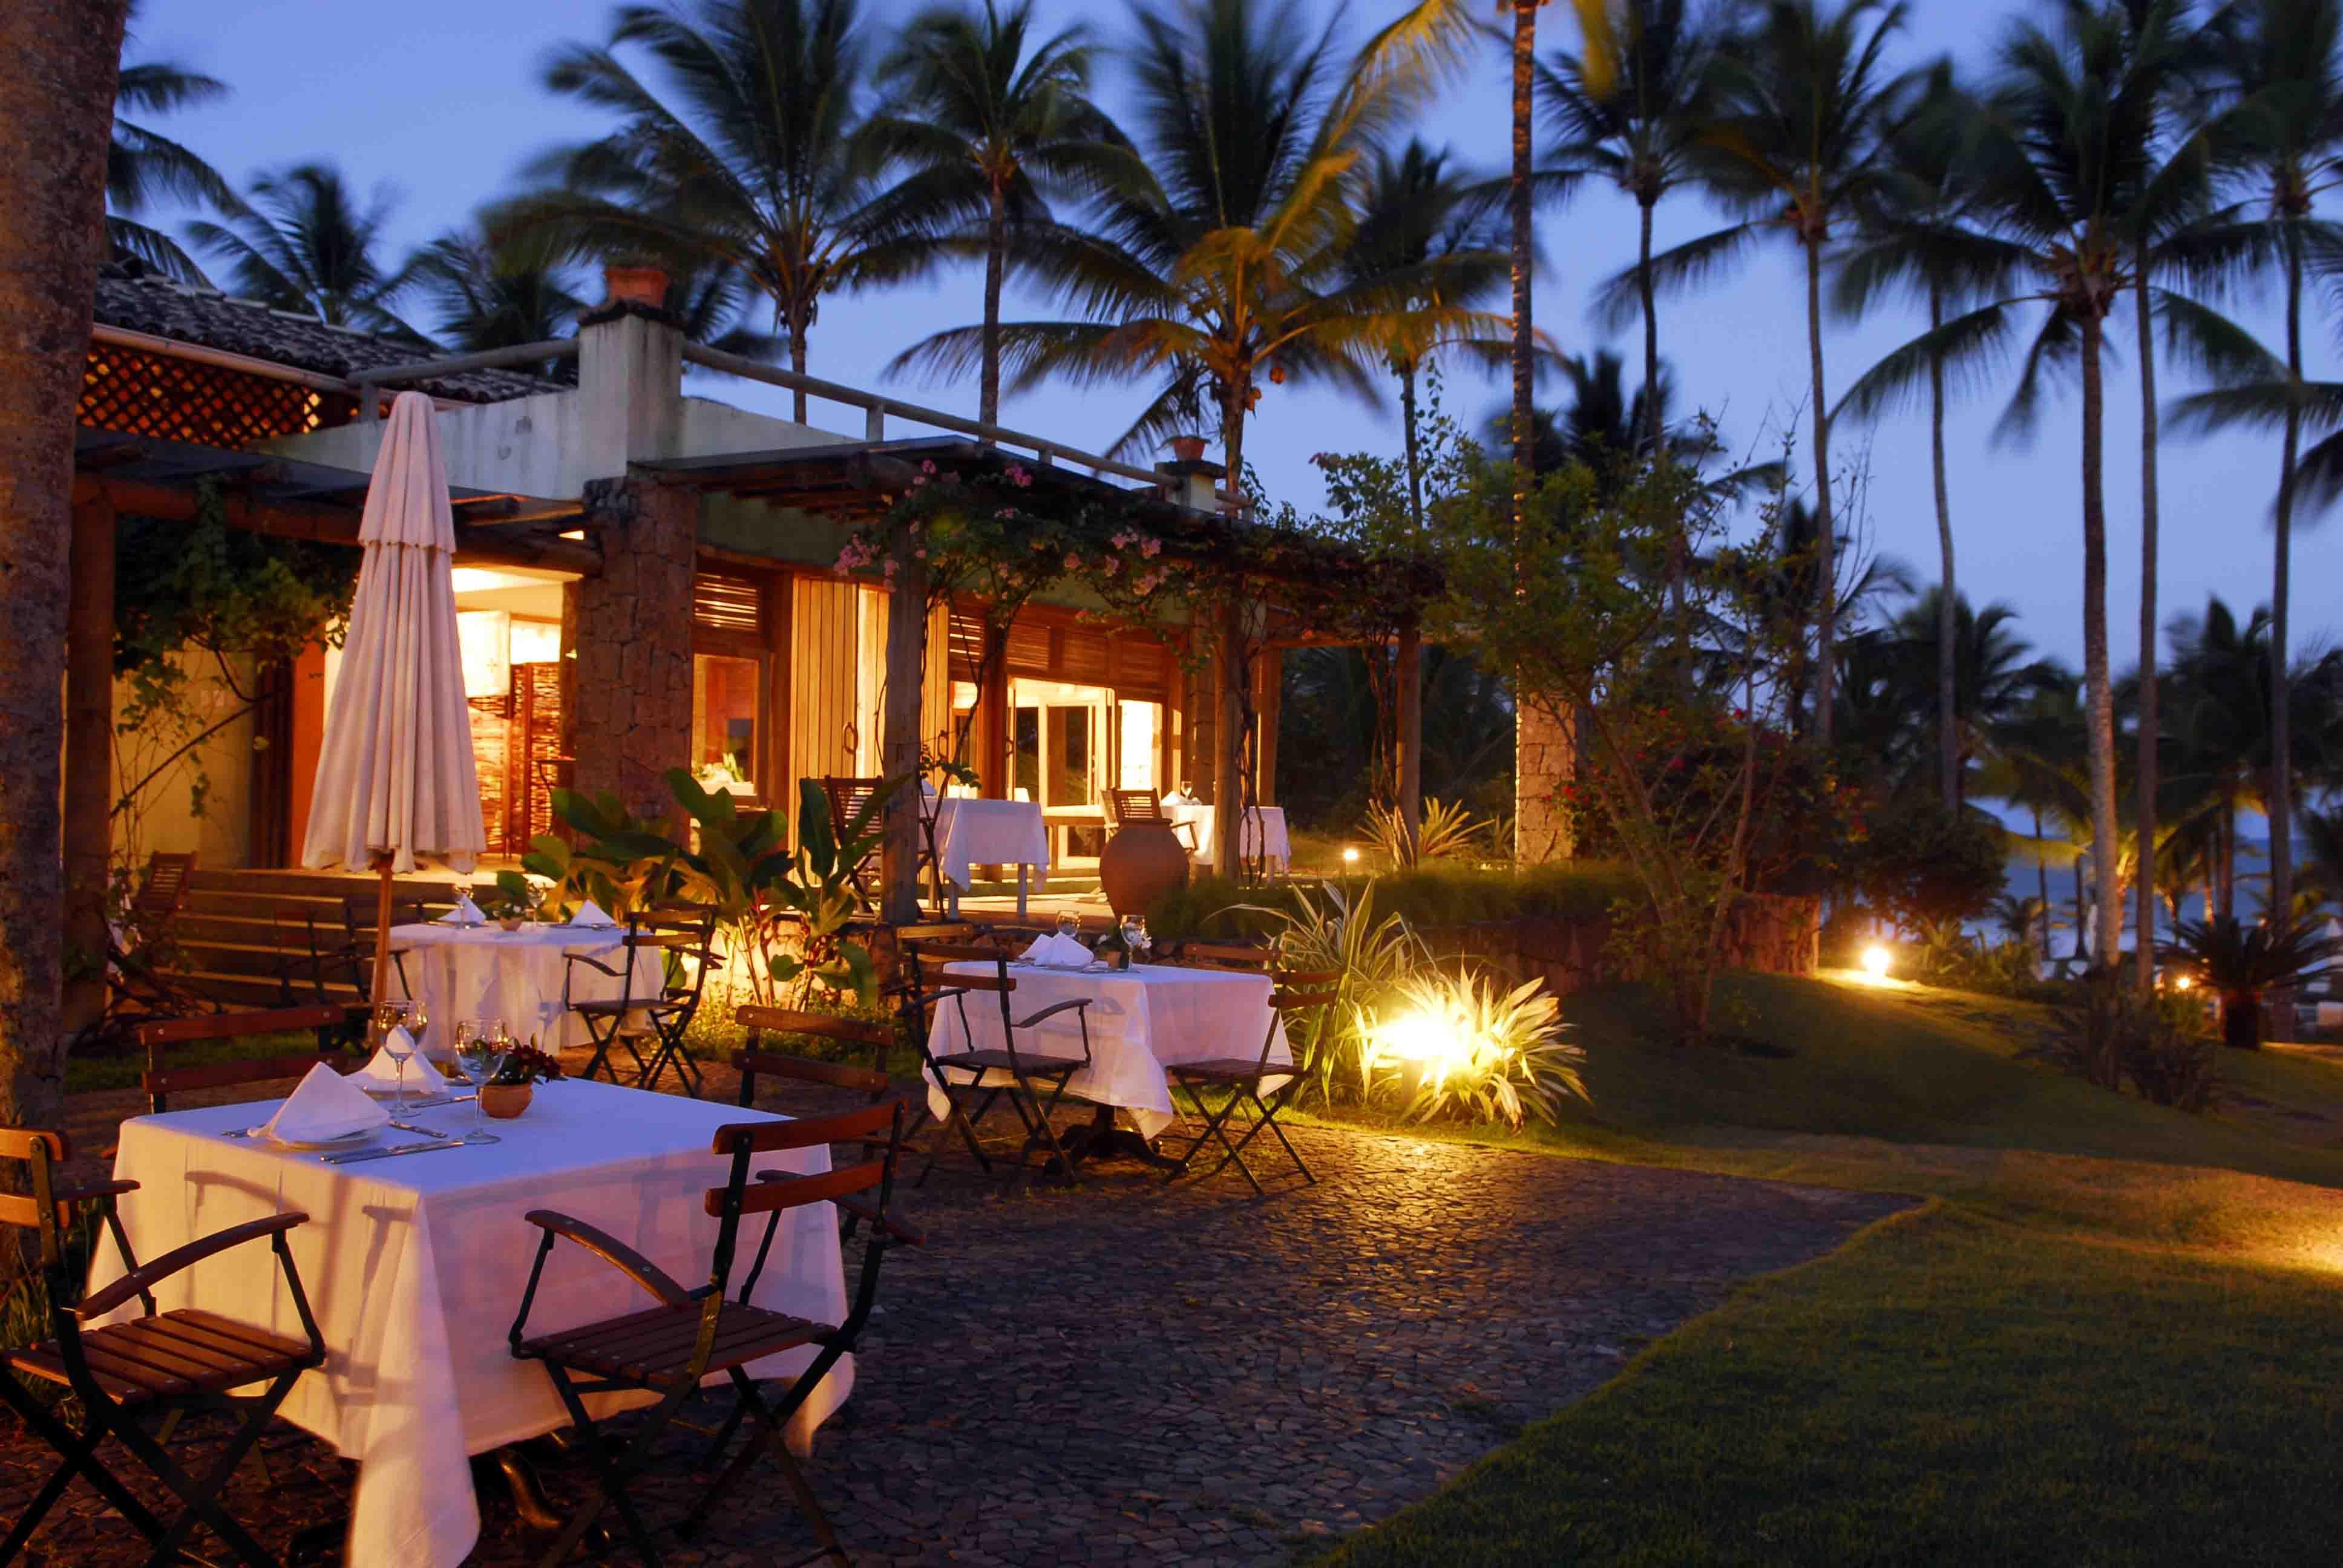 Txai Itacaré - Resort - Restaurante Orixás - Relais et Chateaux